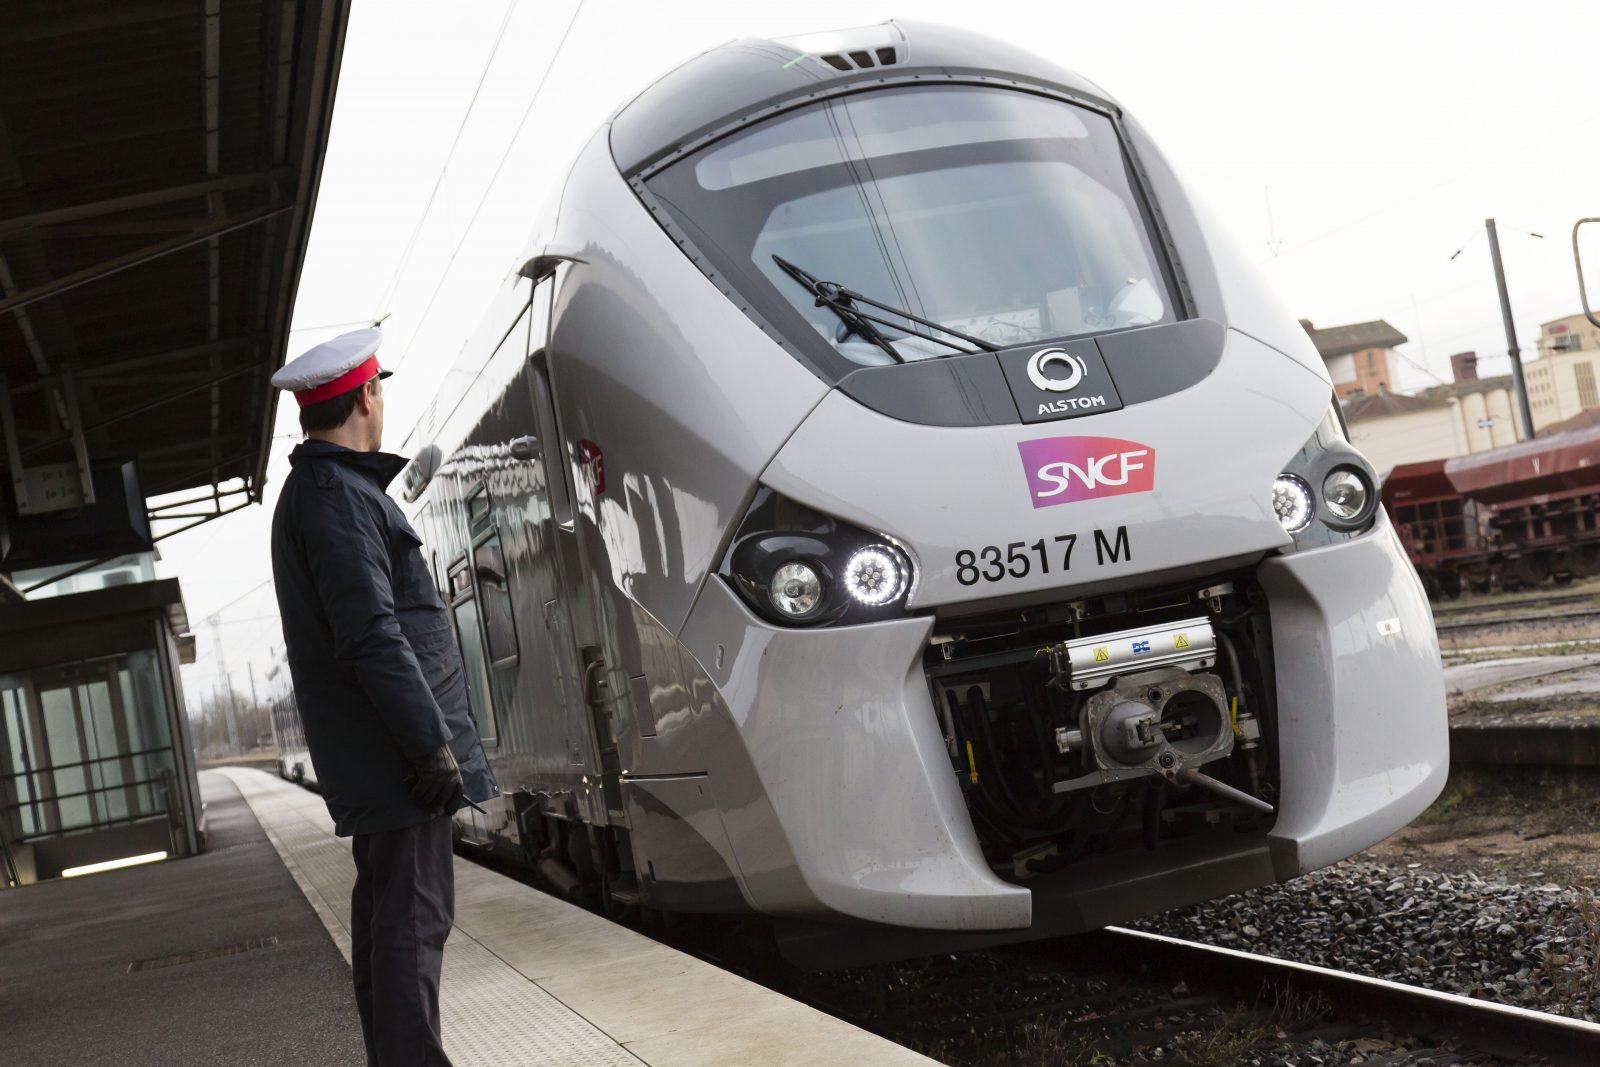 Régiolis : les nouvelles rames enfin sur les rails dans les Vosges